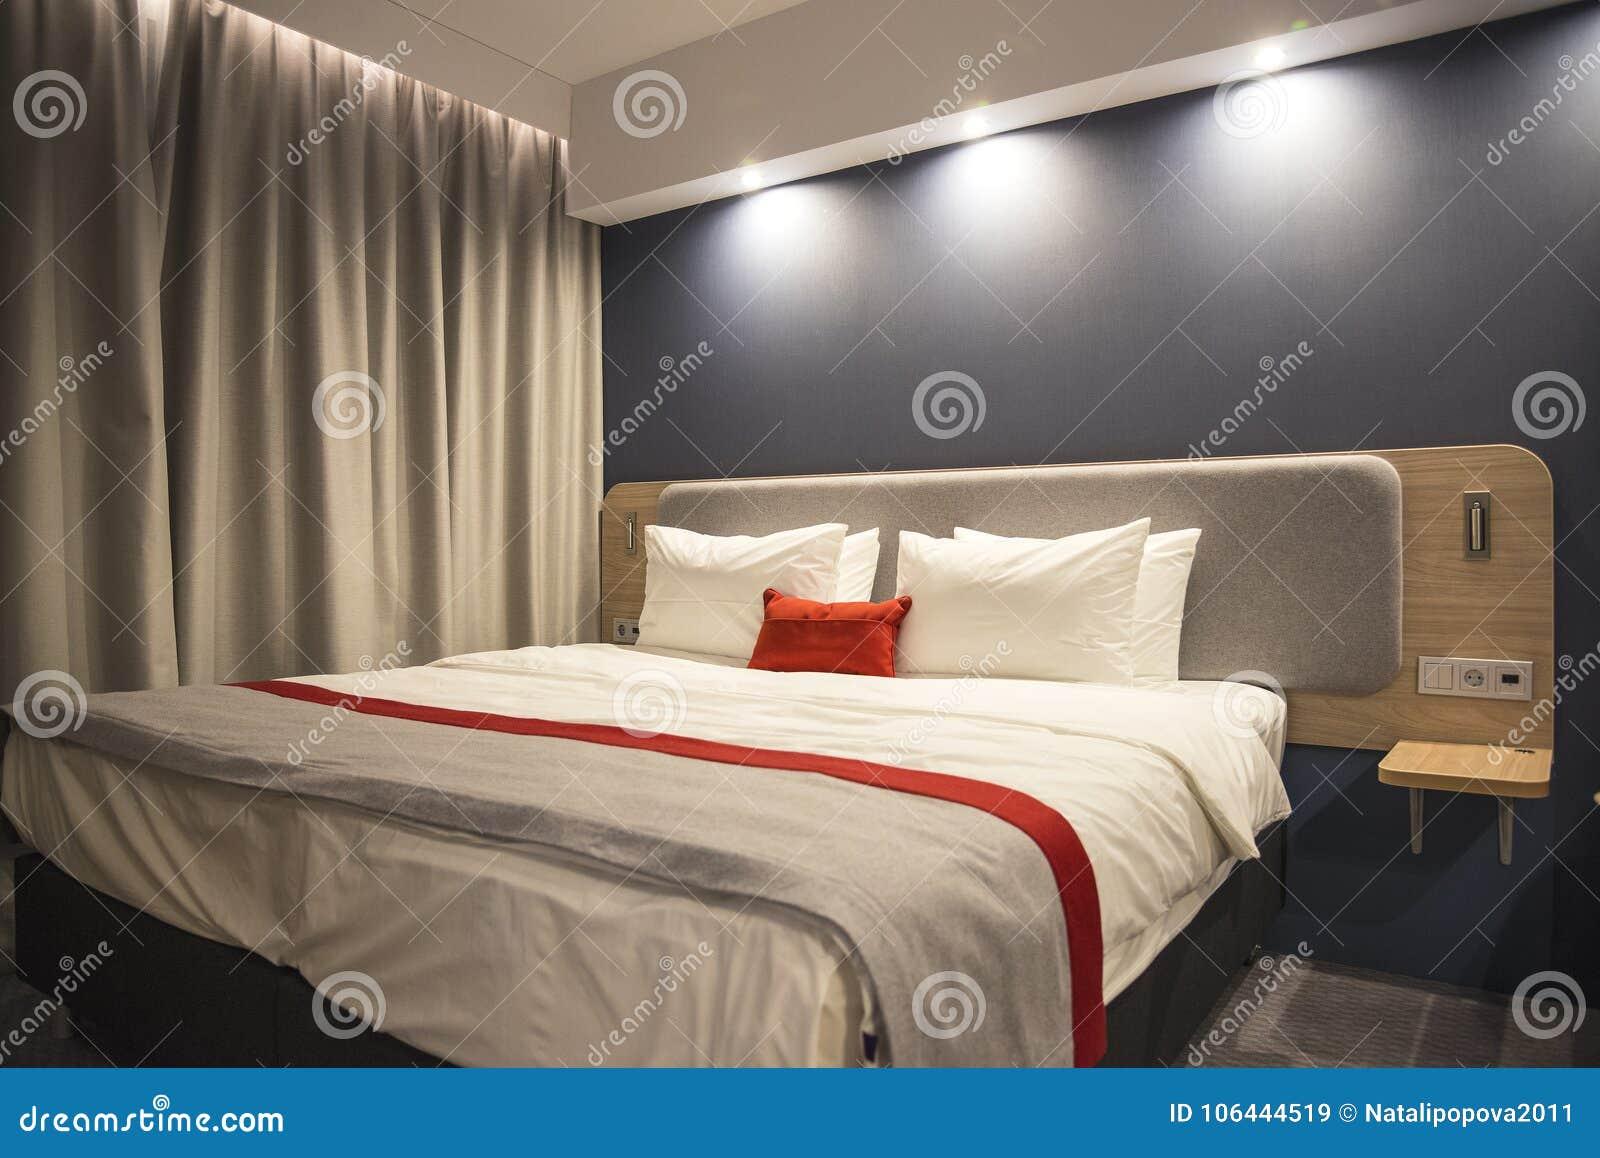 Η εικόνα ενός εσωτερικού κρεβατοκάμαρων Ένα μεγάλο κρεβάτι με τέσσερα μαξιλάρια